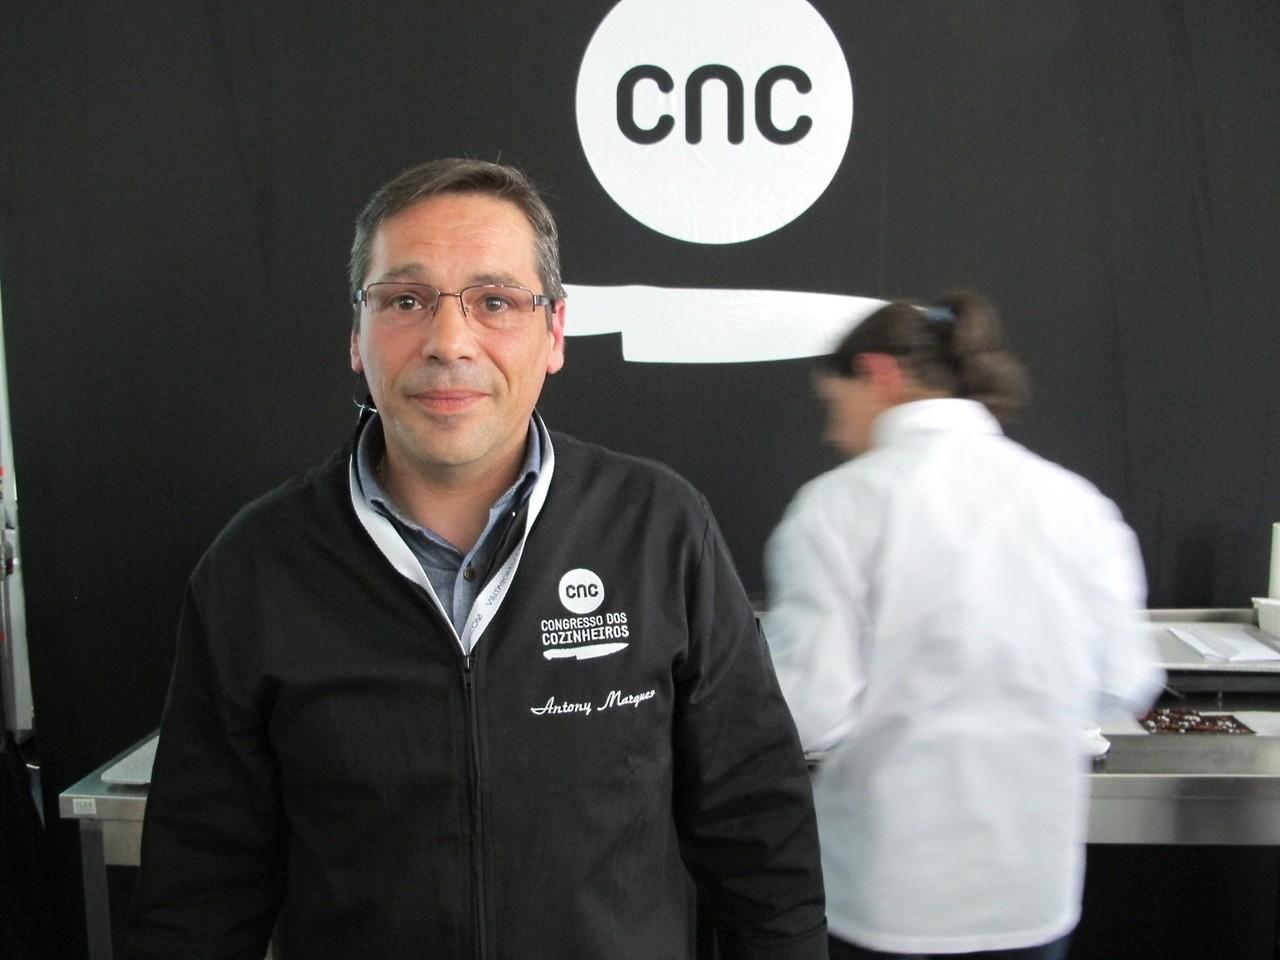 Antony Marques